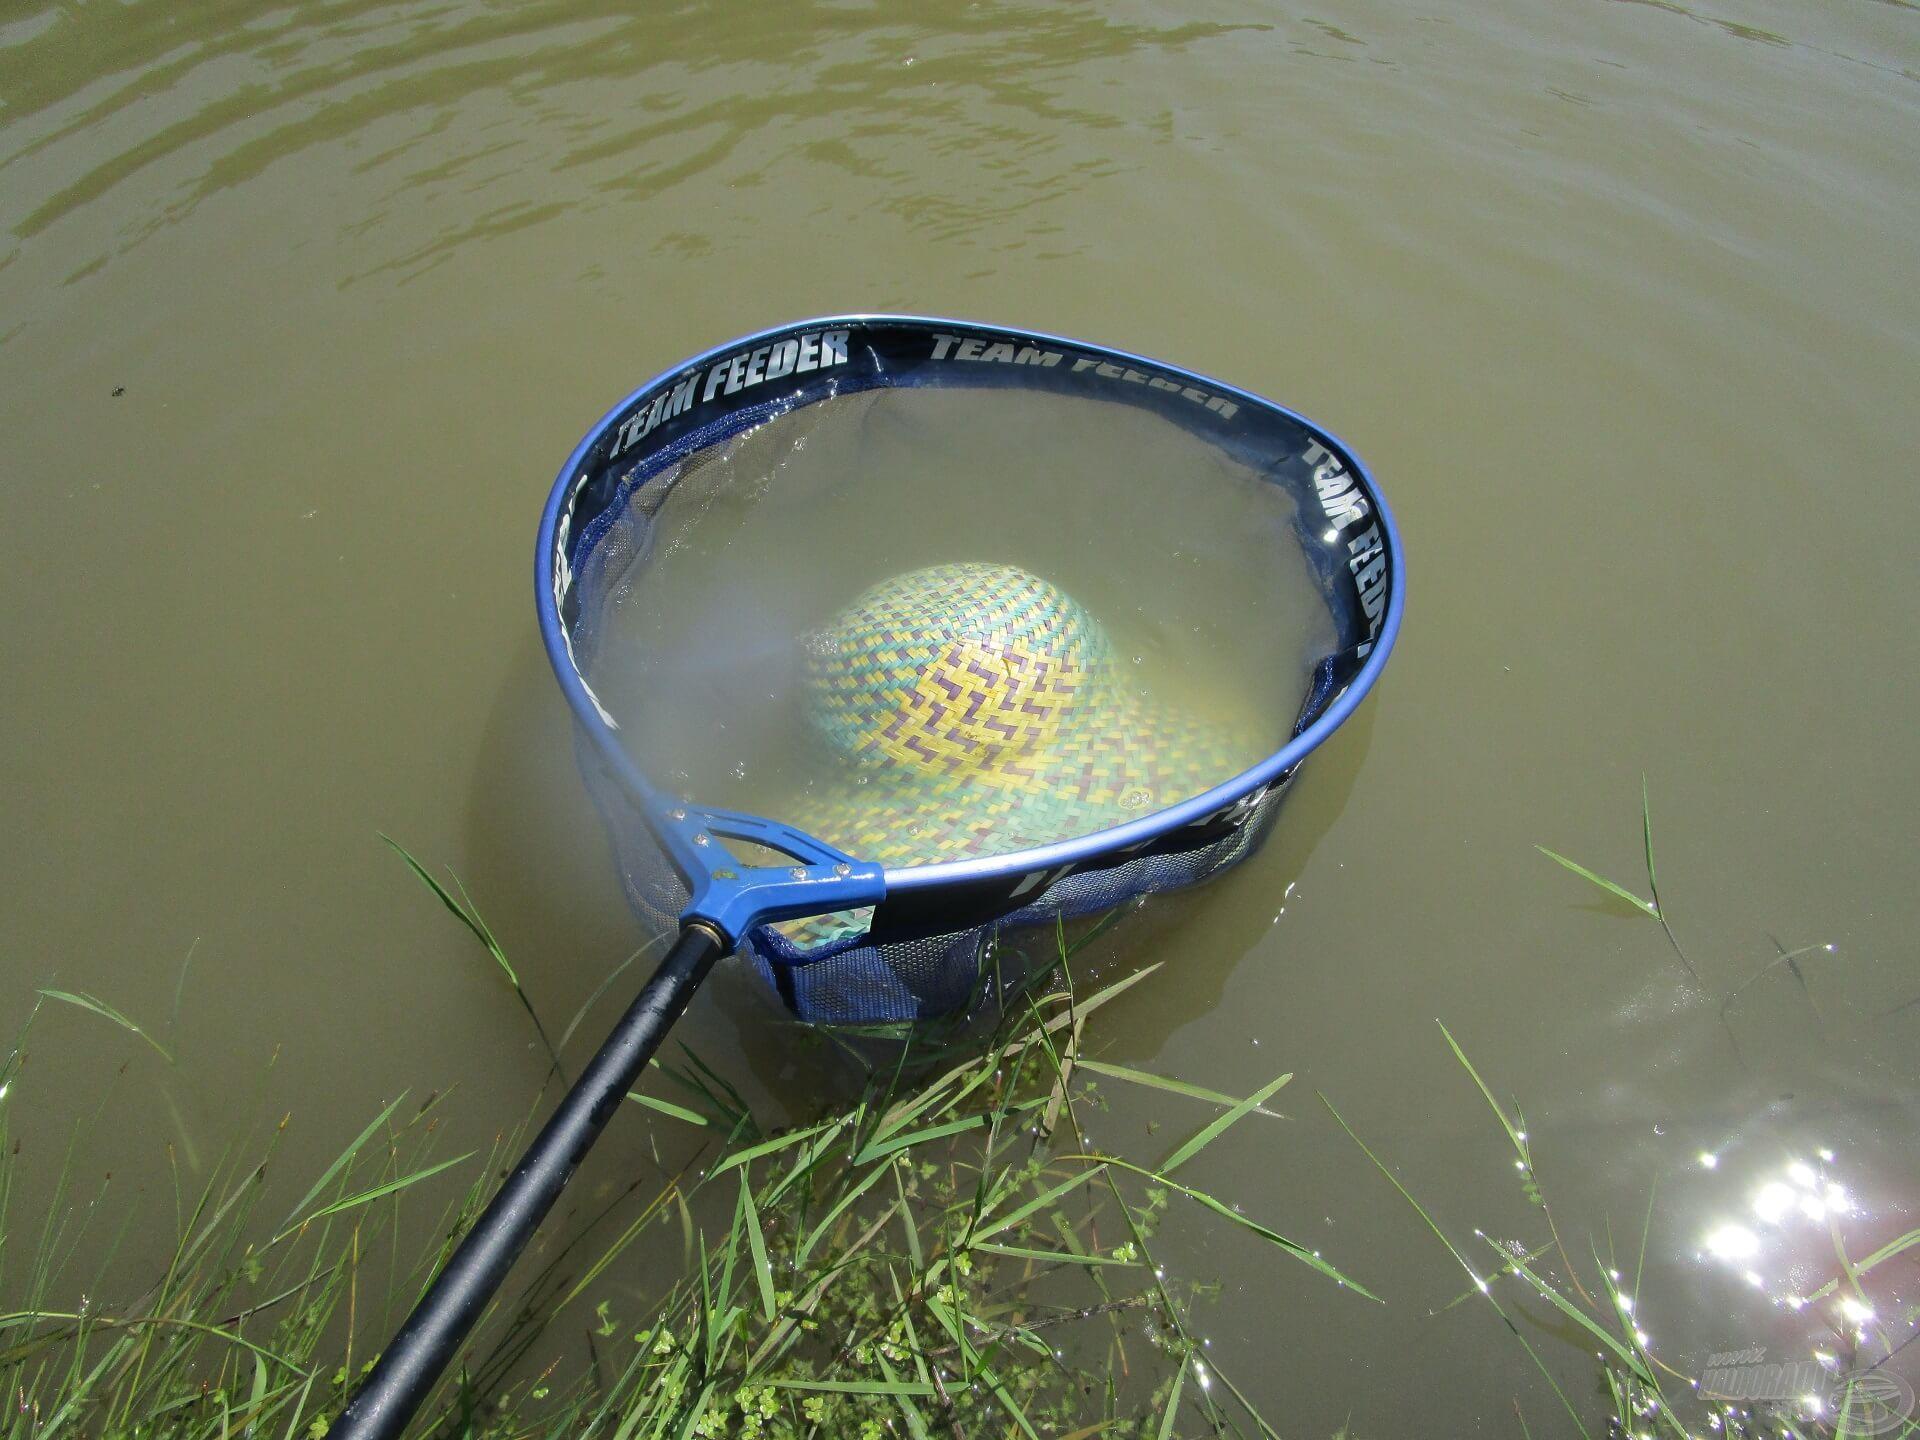 A szél mindig is horgászok ellensége volt. Persze, hogy leszedte a kalapot fejemről, de szerencsére kéznél volt a merítő! A Zala folyón mindig történik valami! Hal helyett kalapot szákoltam